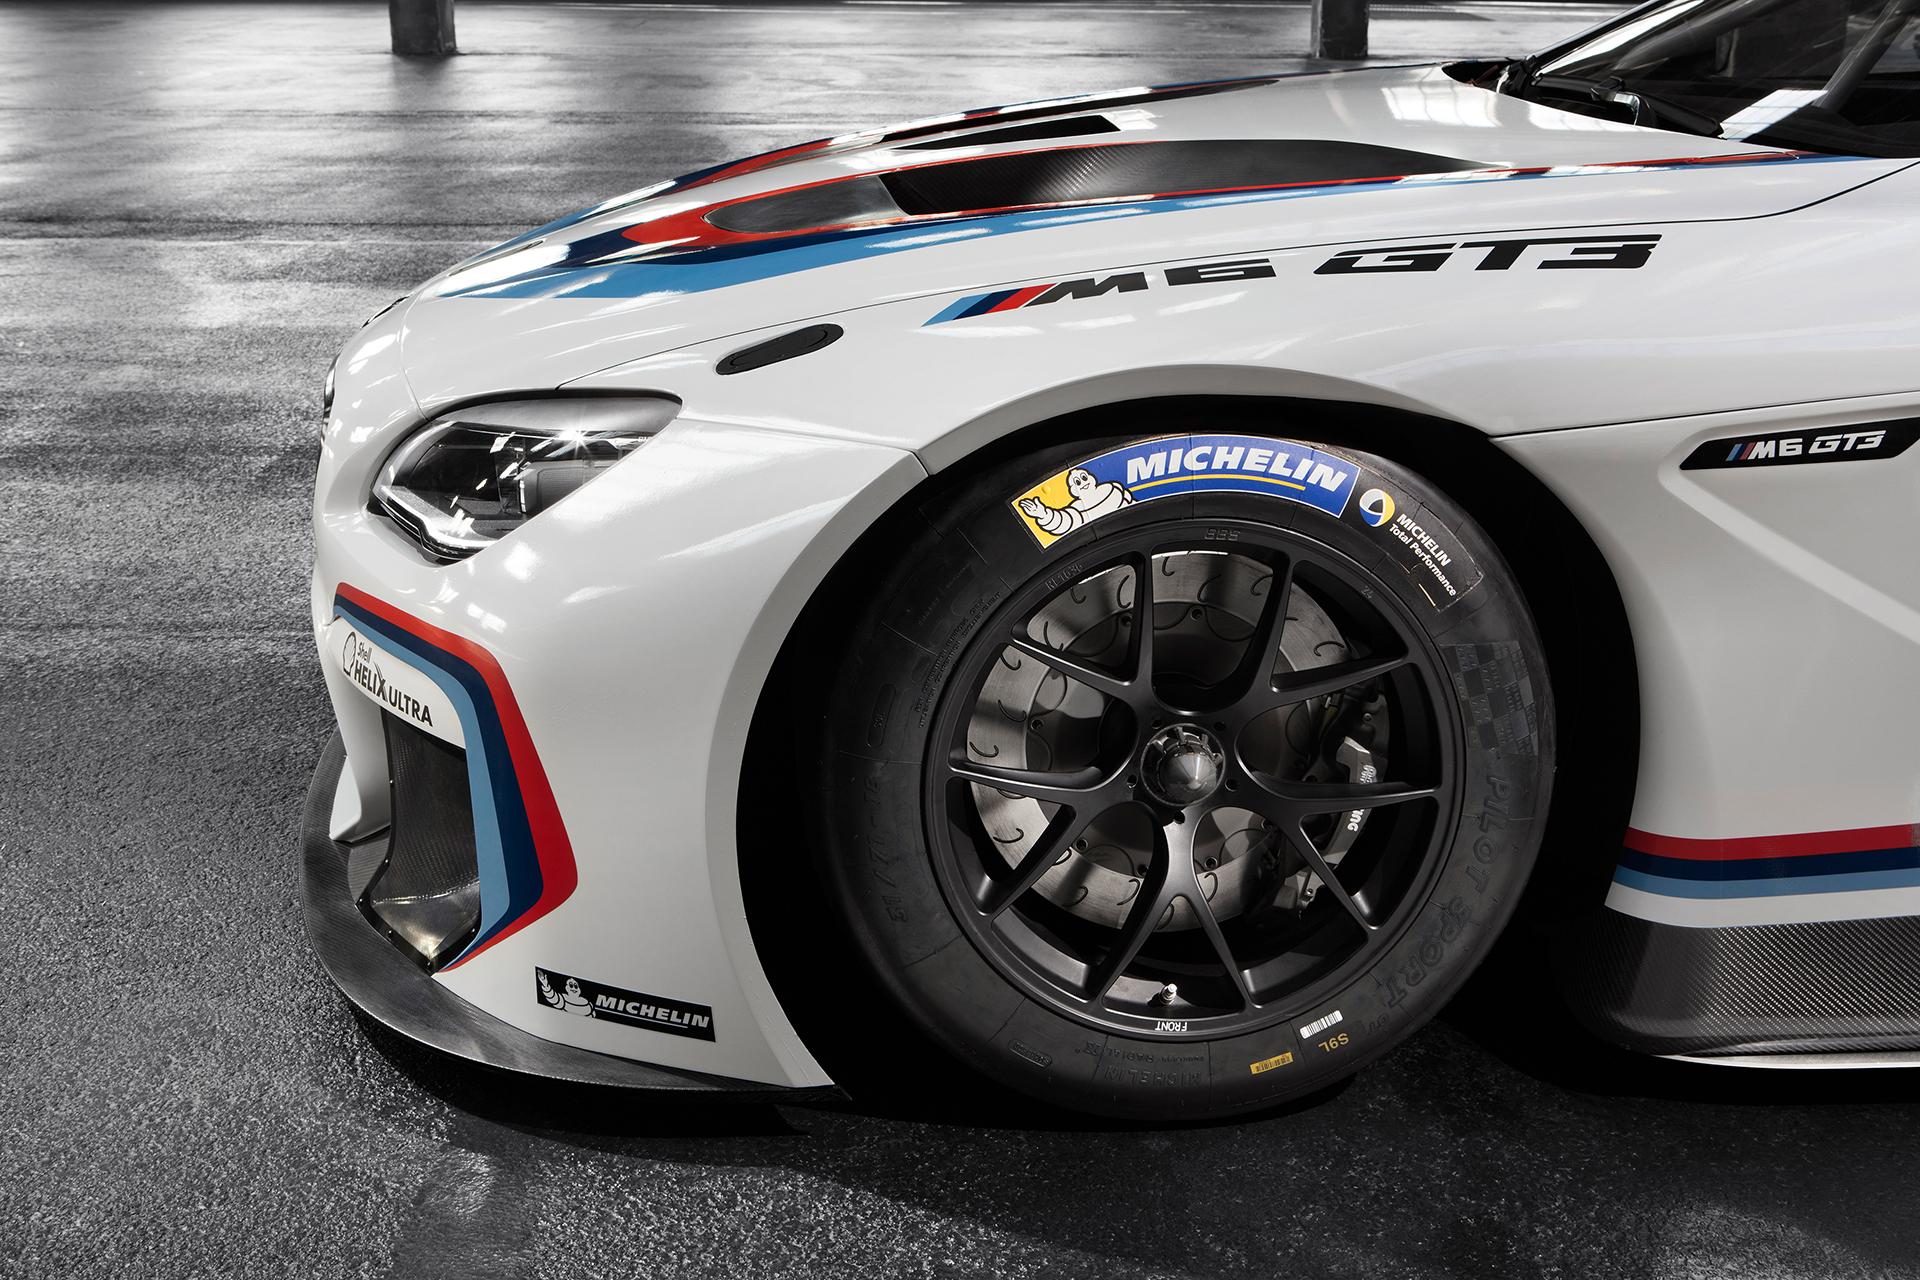 BMW M6 GT3 - 2016 - front wheel / roue avant